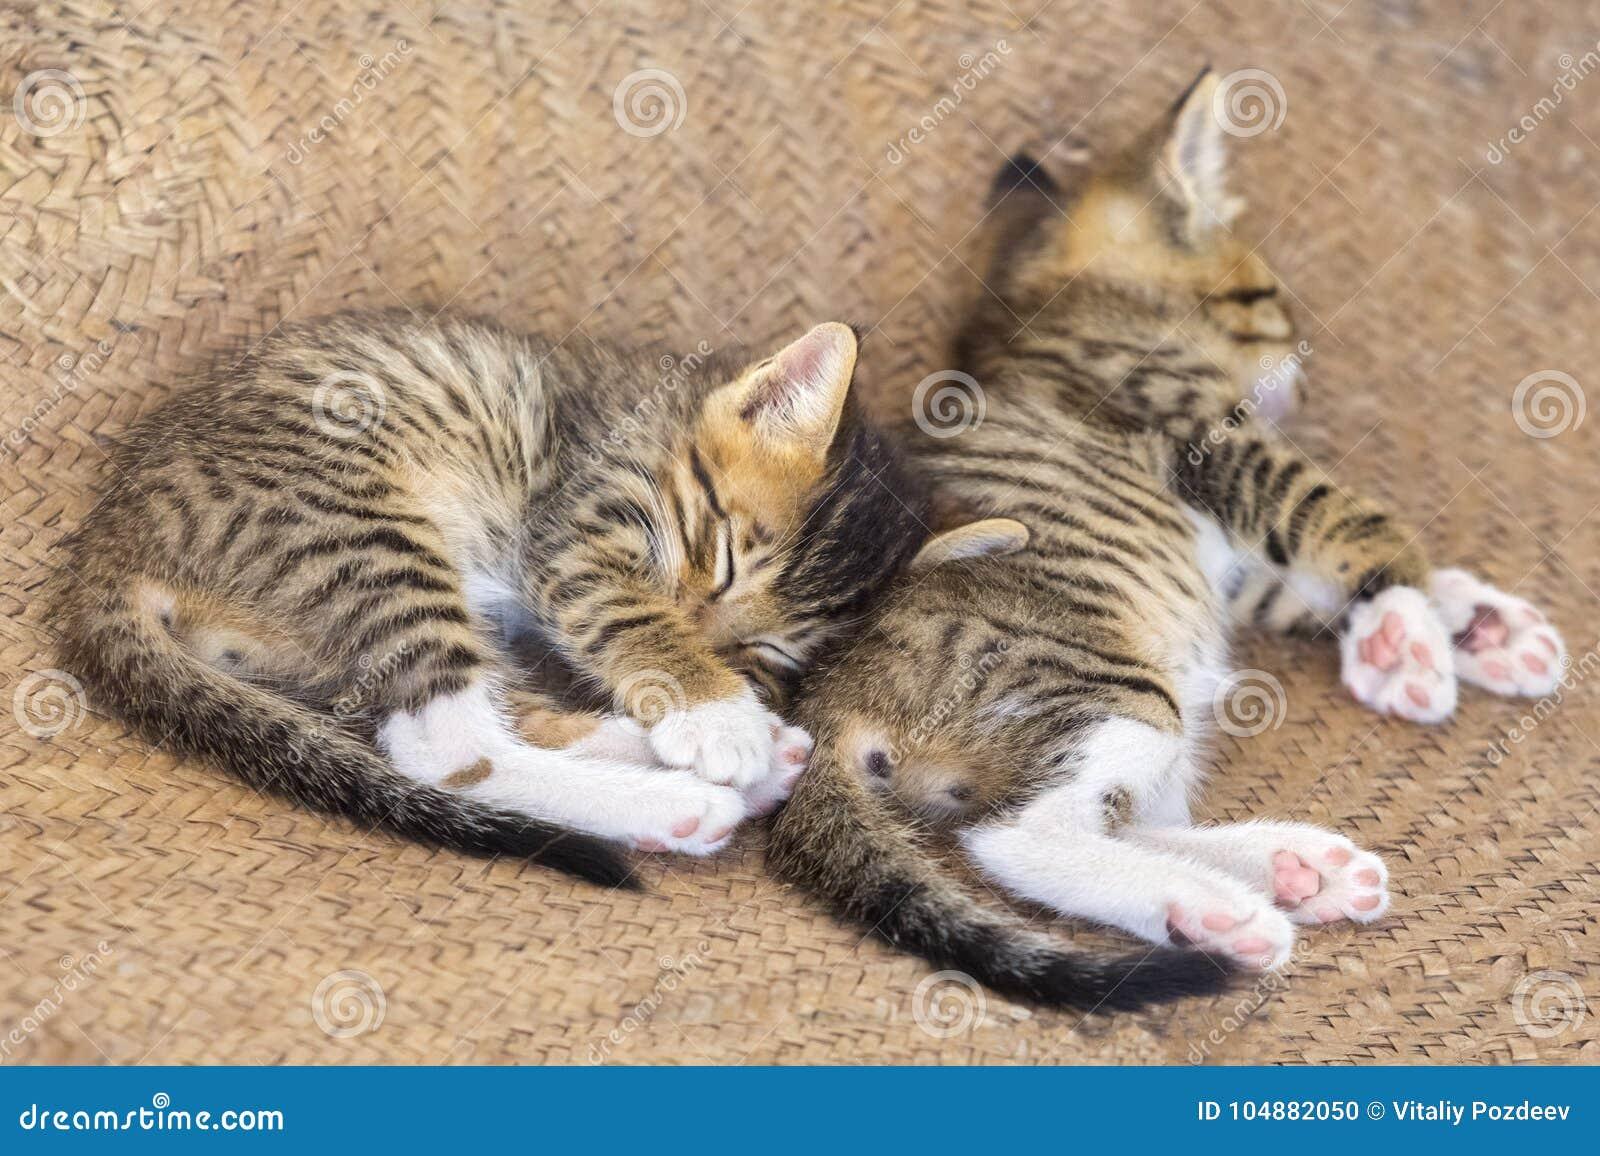 Two cute small kitten